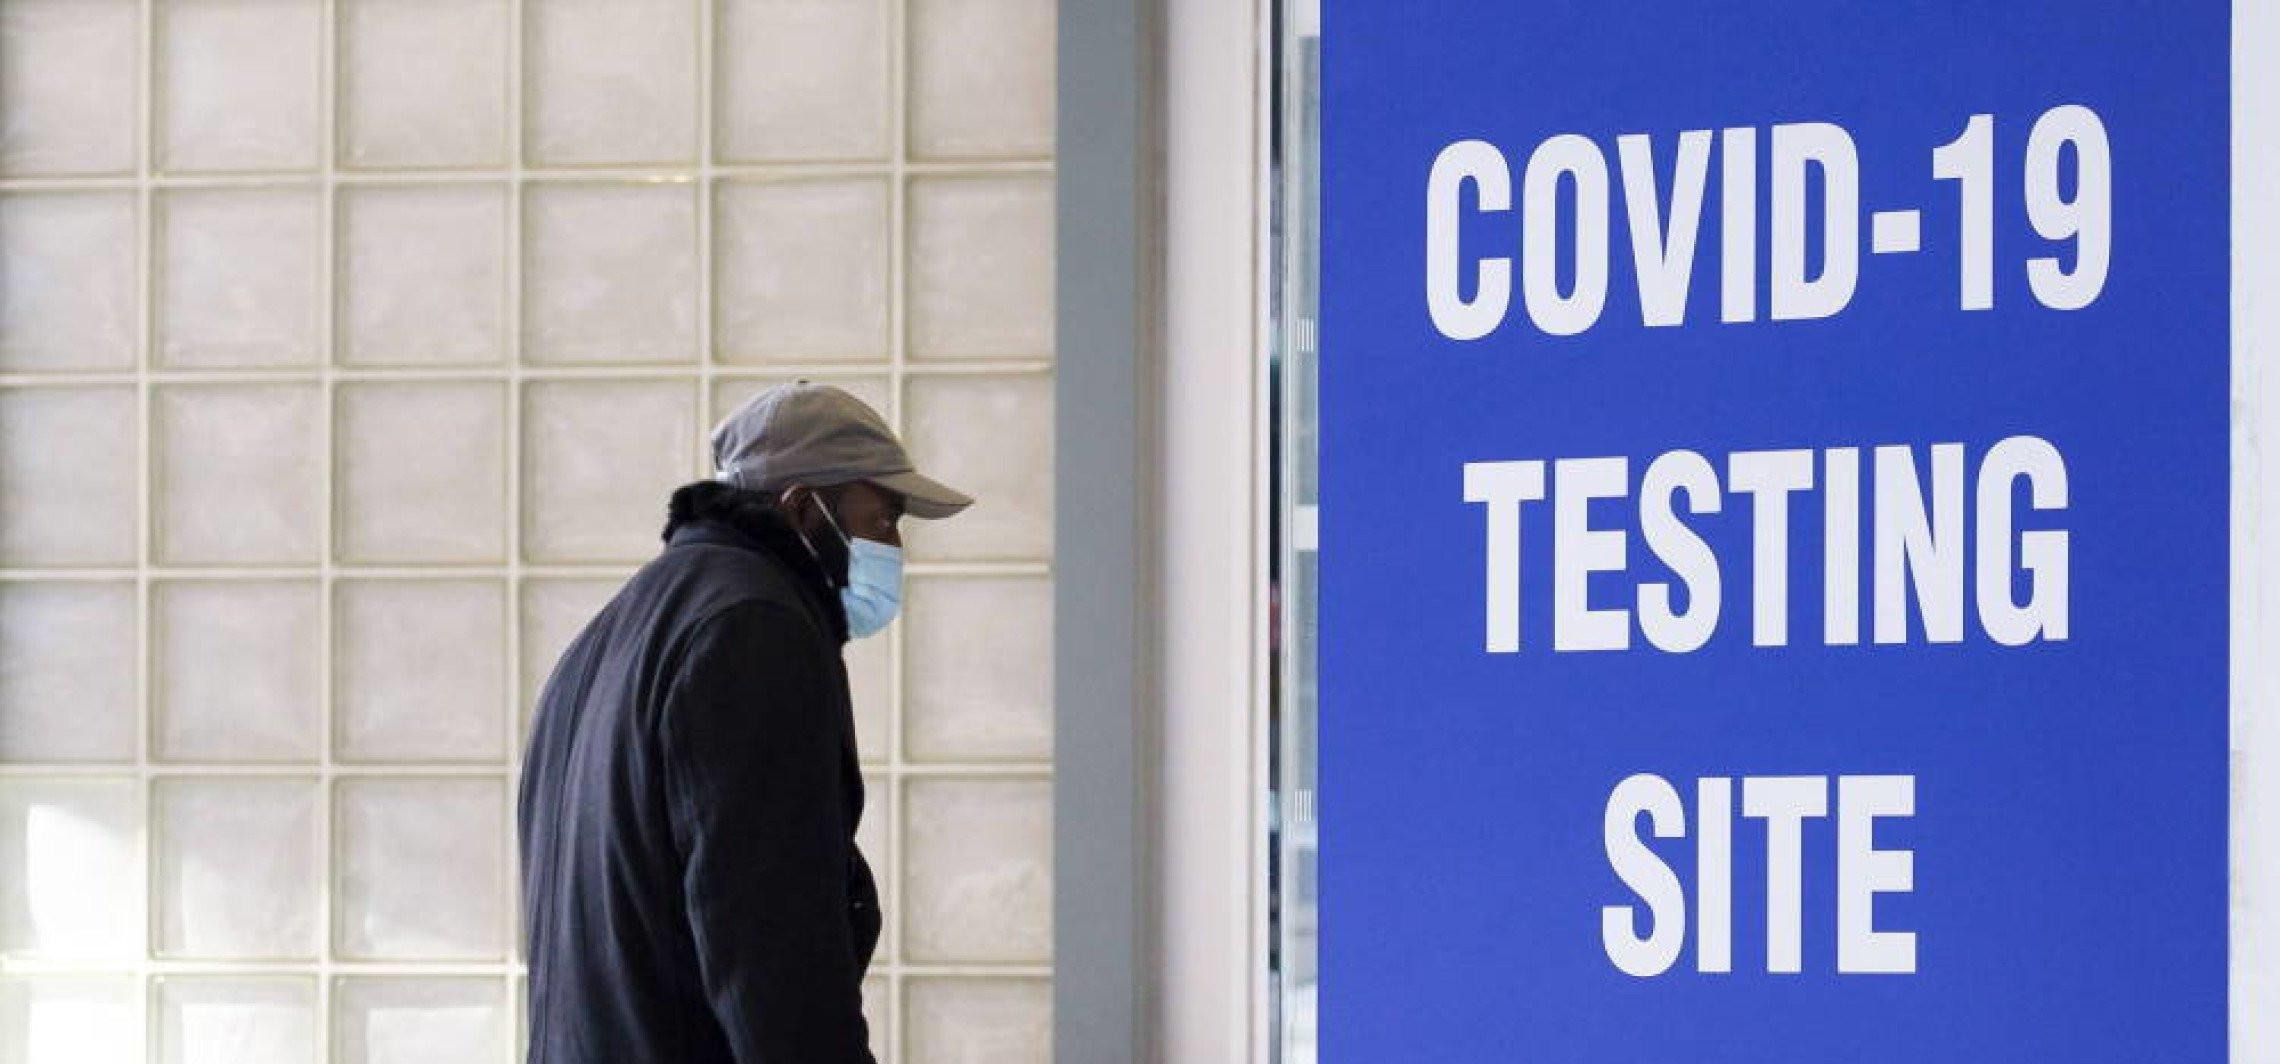 Przeciwciała dla SARS-CoV2 można wykryć w 12 sekund - powstał nowy test